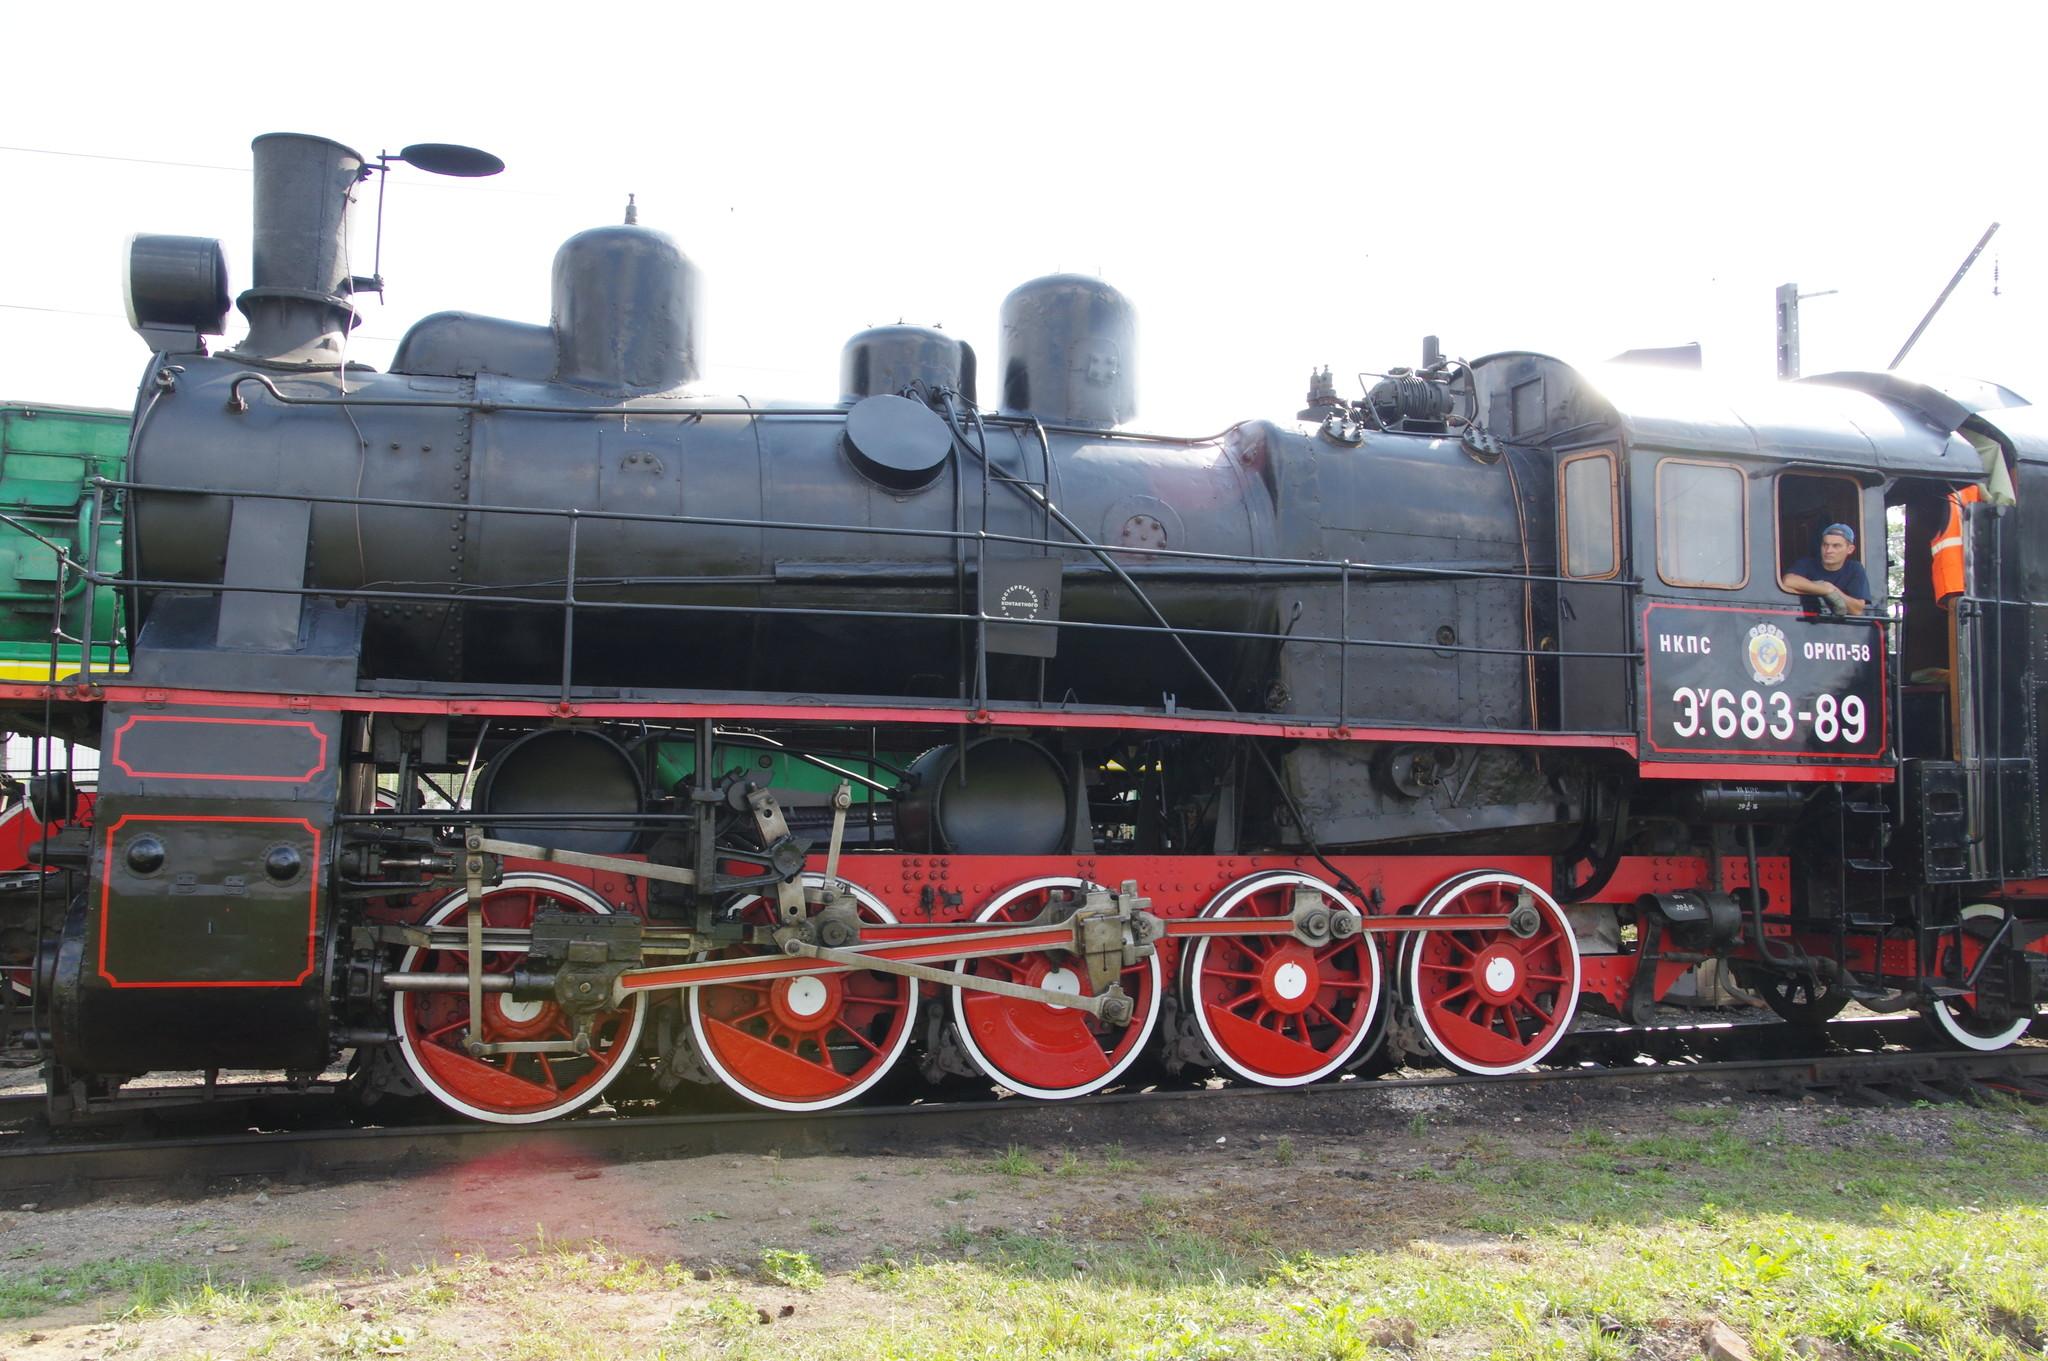 Грузовой паровоз ЭУ 683-89